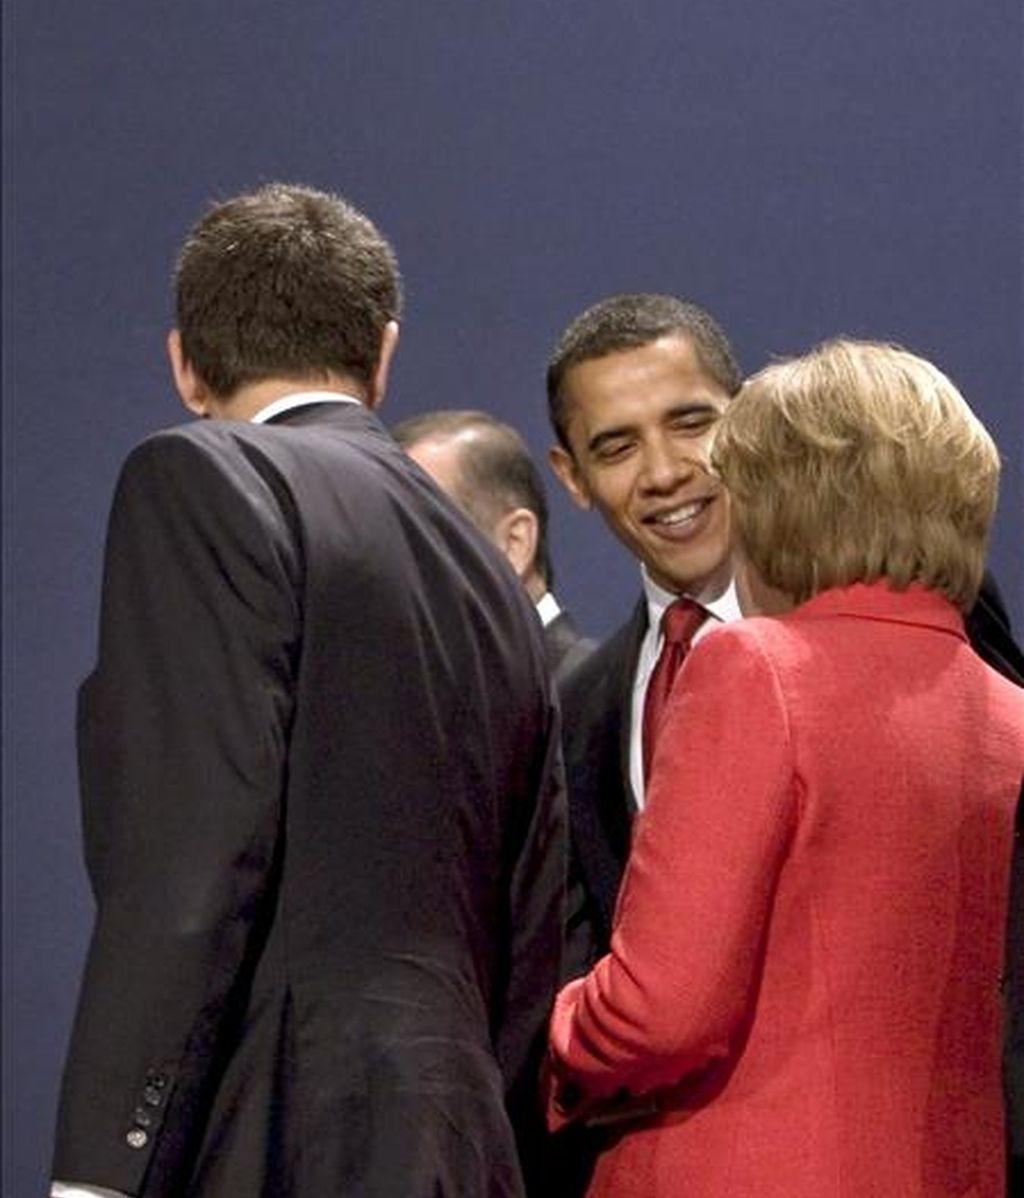 El presidente del Gobierno español, José Luis Rodríguez Zapatero; el presidente de EEUU, Barack Obama, y la canciller alemana, Angel Merkel (i-d), tras la foto de familia de la cumbre del G-20, en Londres. EFE